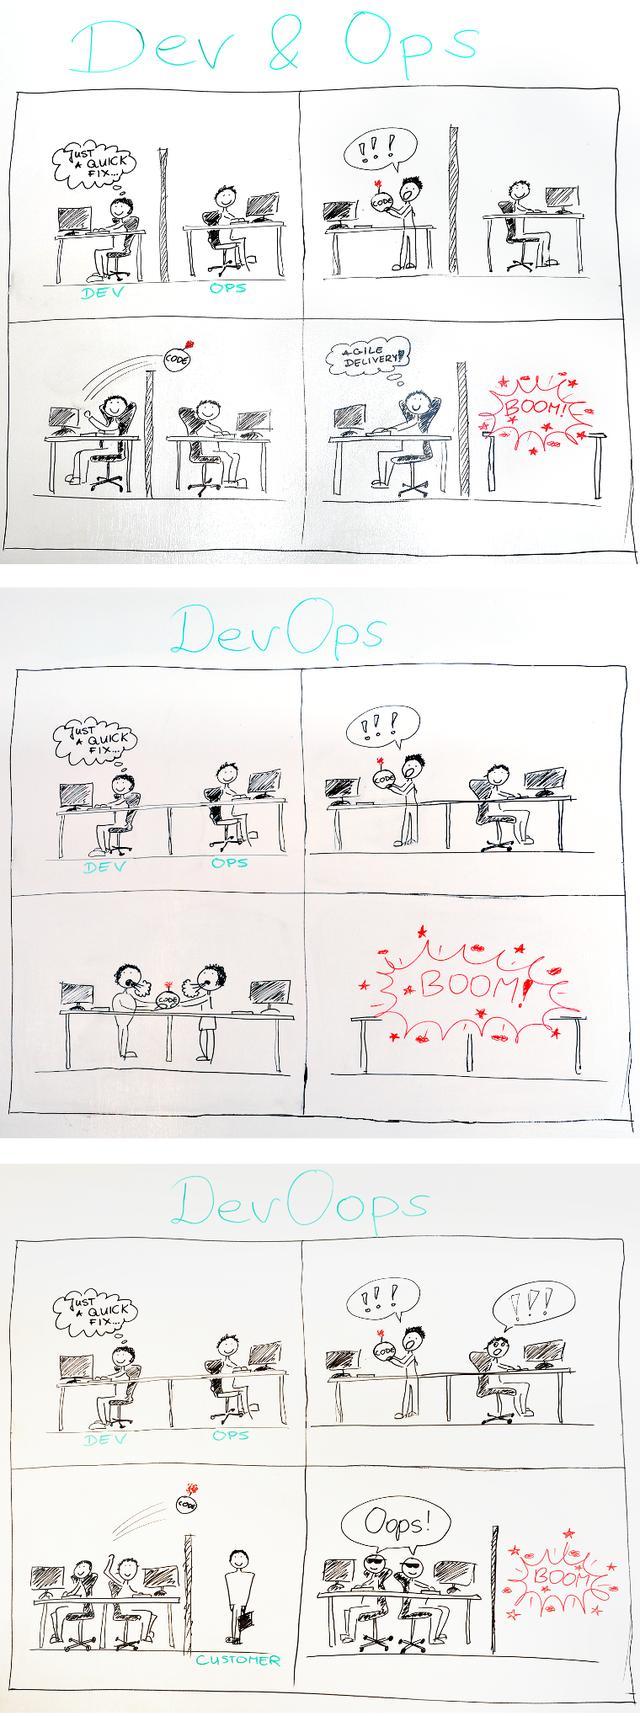 「漫画版」 小朋友都能看懂得 DevOops!不允许你有问号